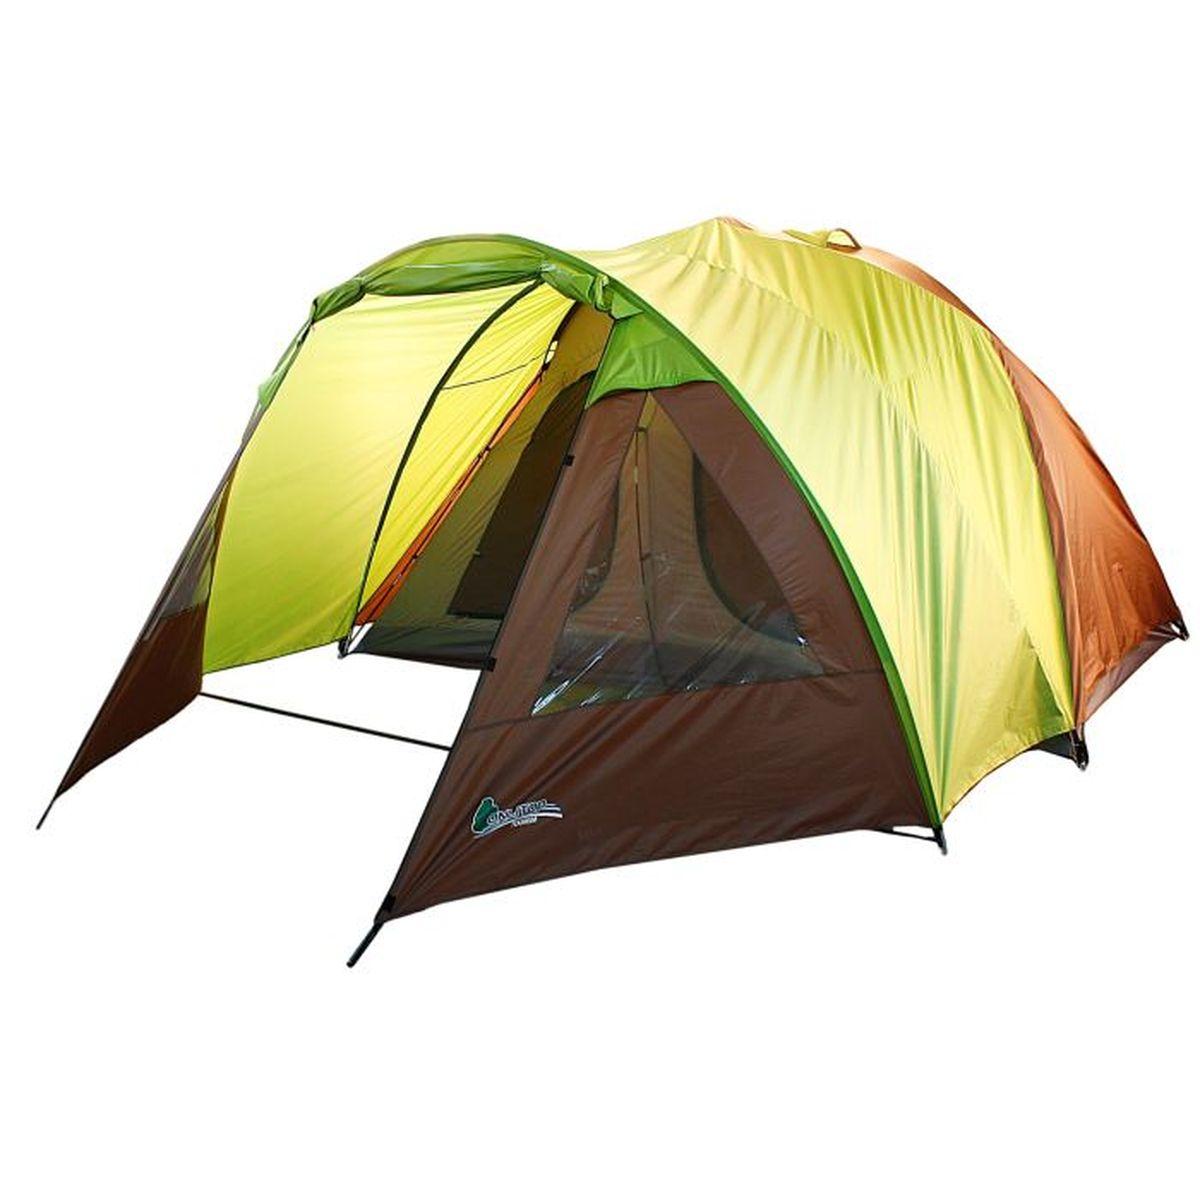 Палатка туристическая Onlitop Minnesota, 6-местная, цвет: желтый, коричневый